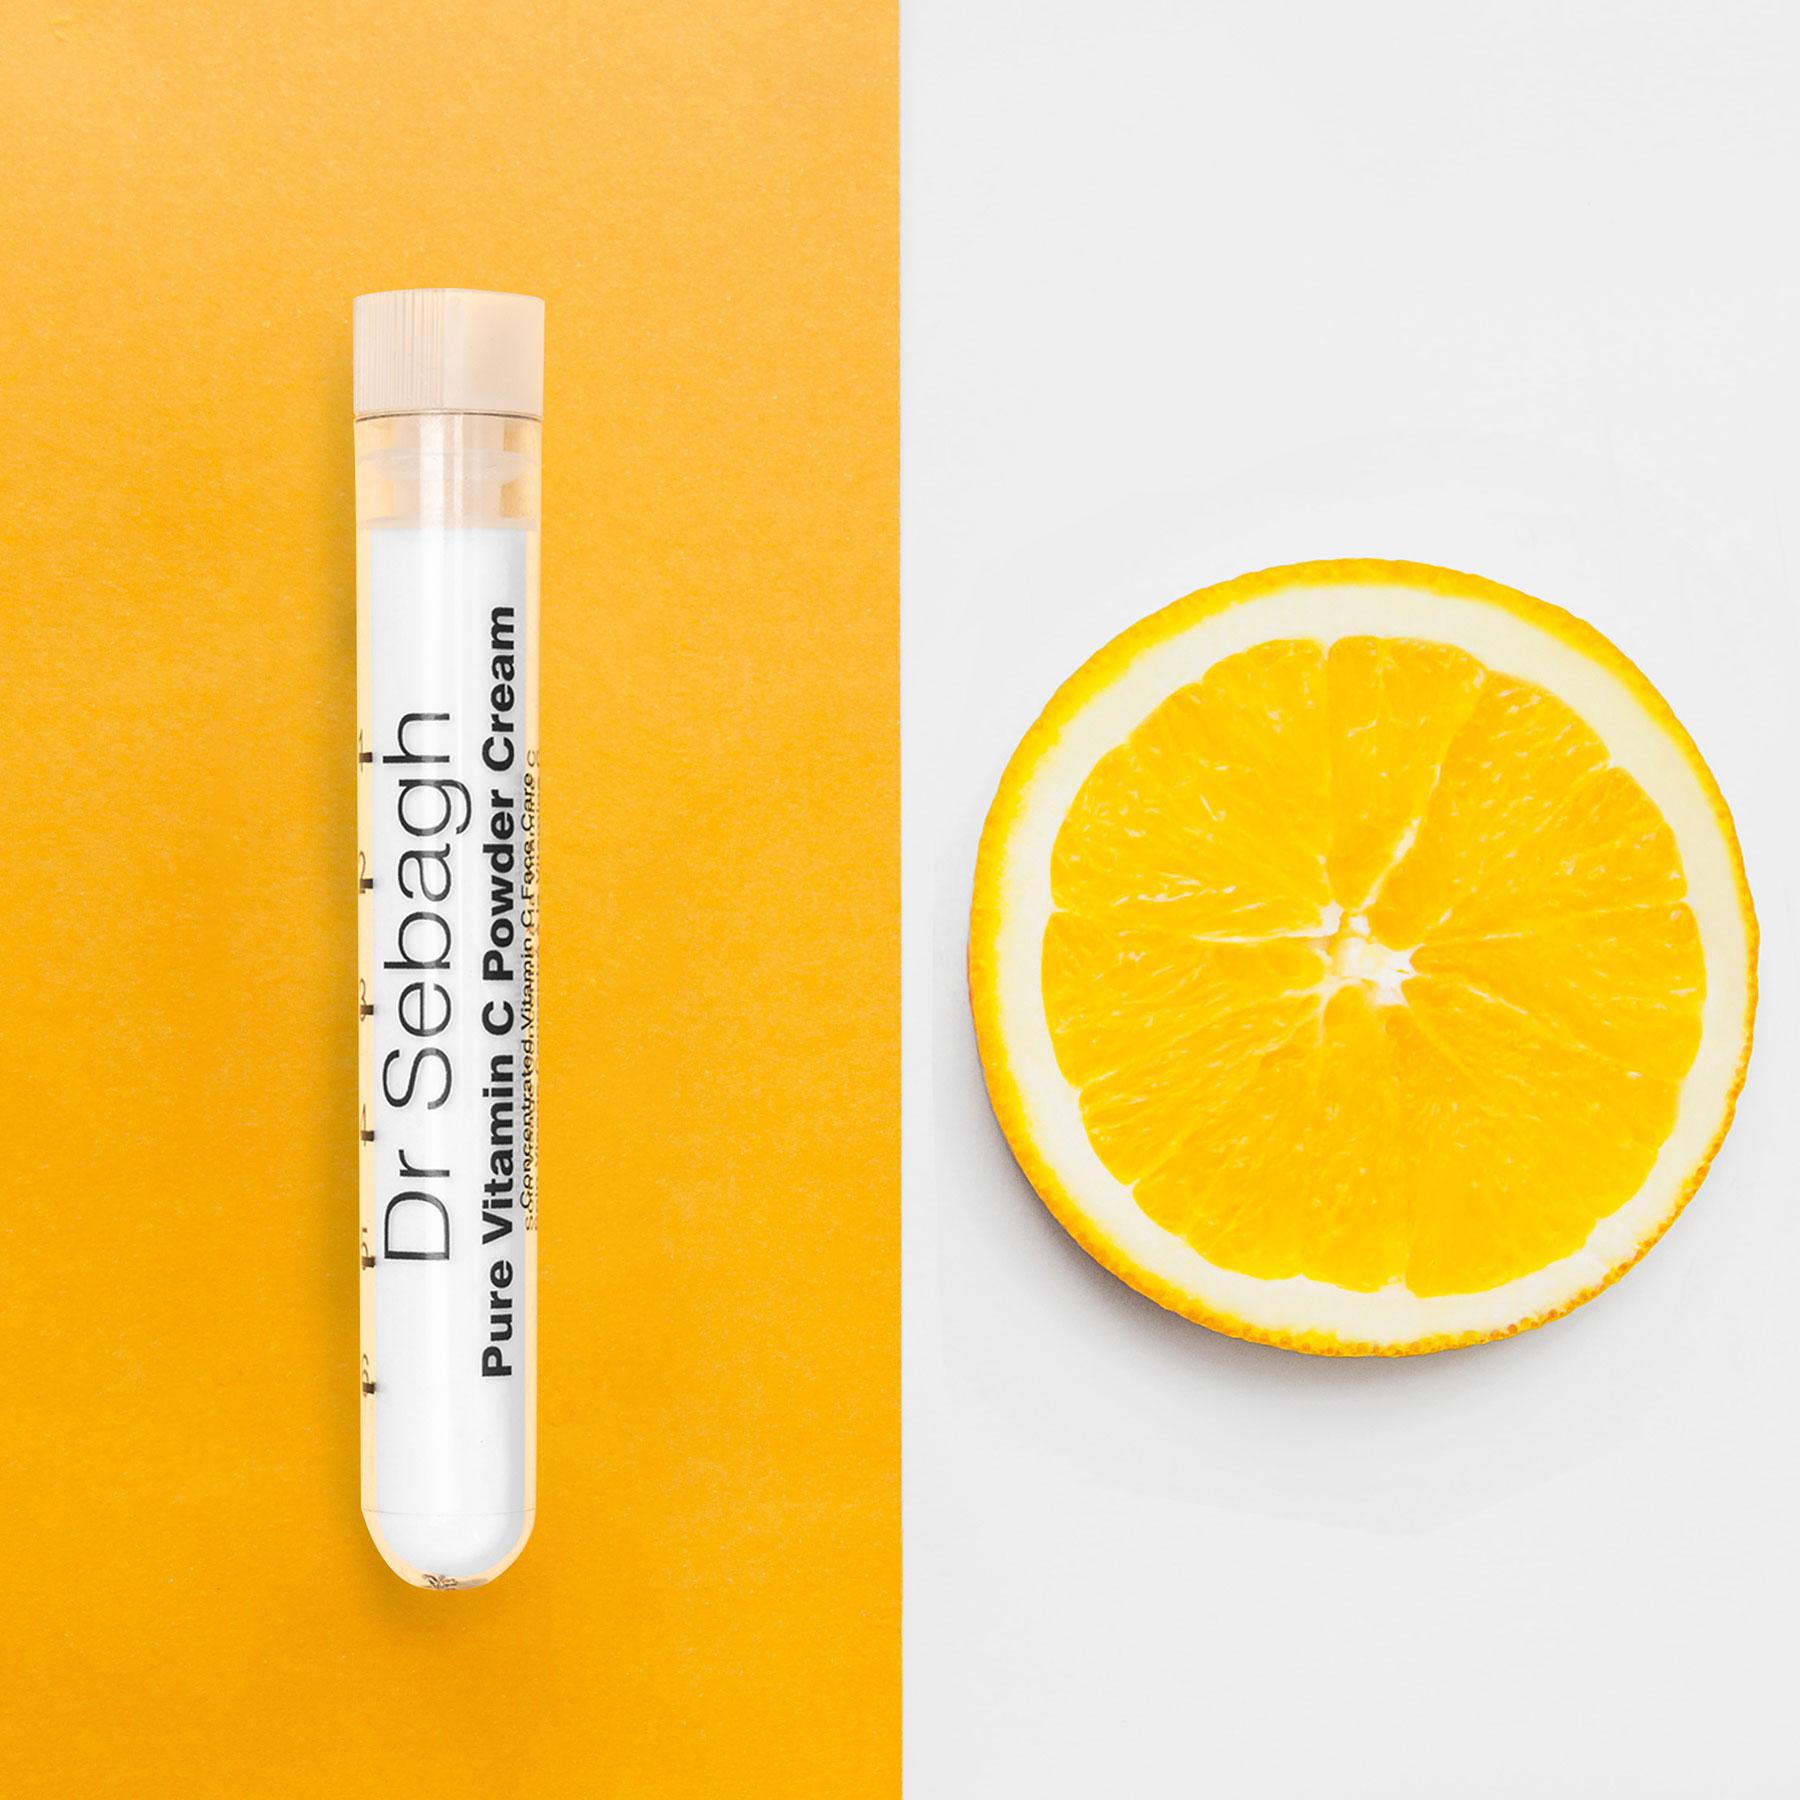 Vit-C-orange-dr-sebagh